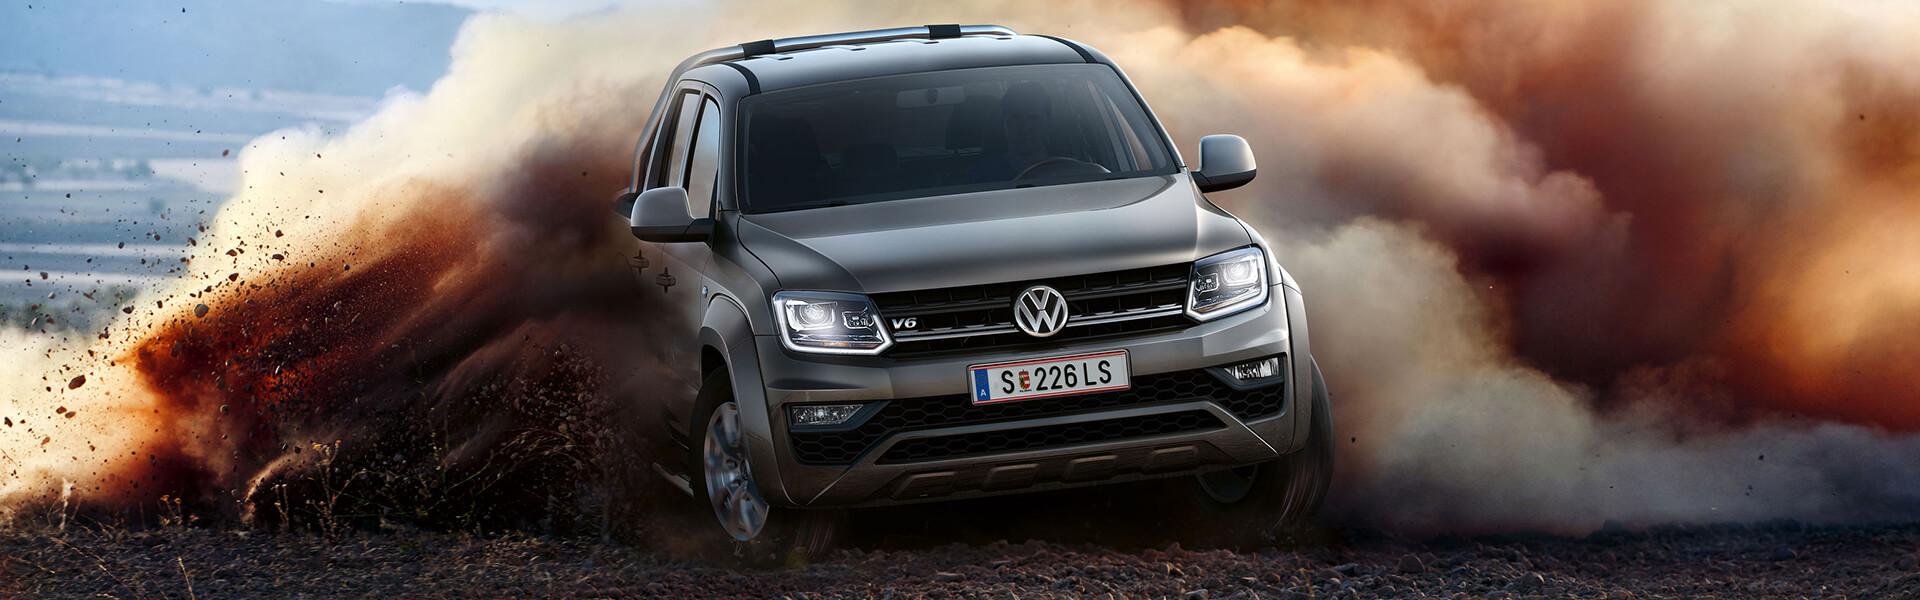 VW Amarok Offroad